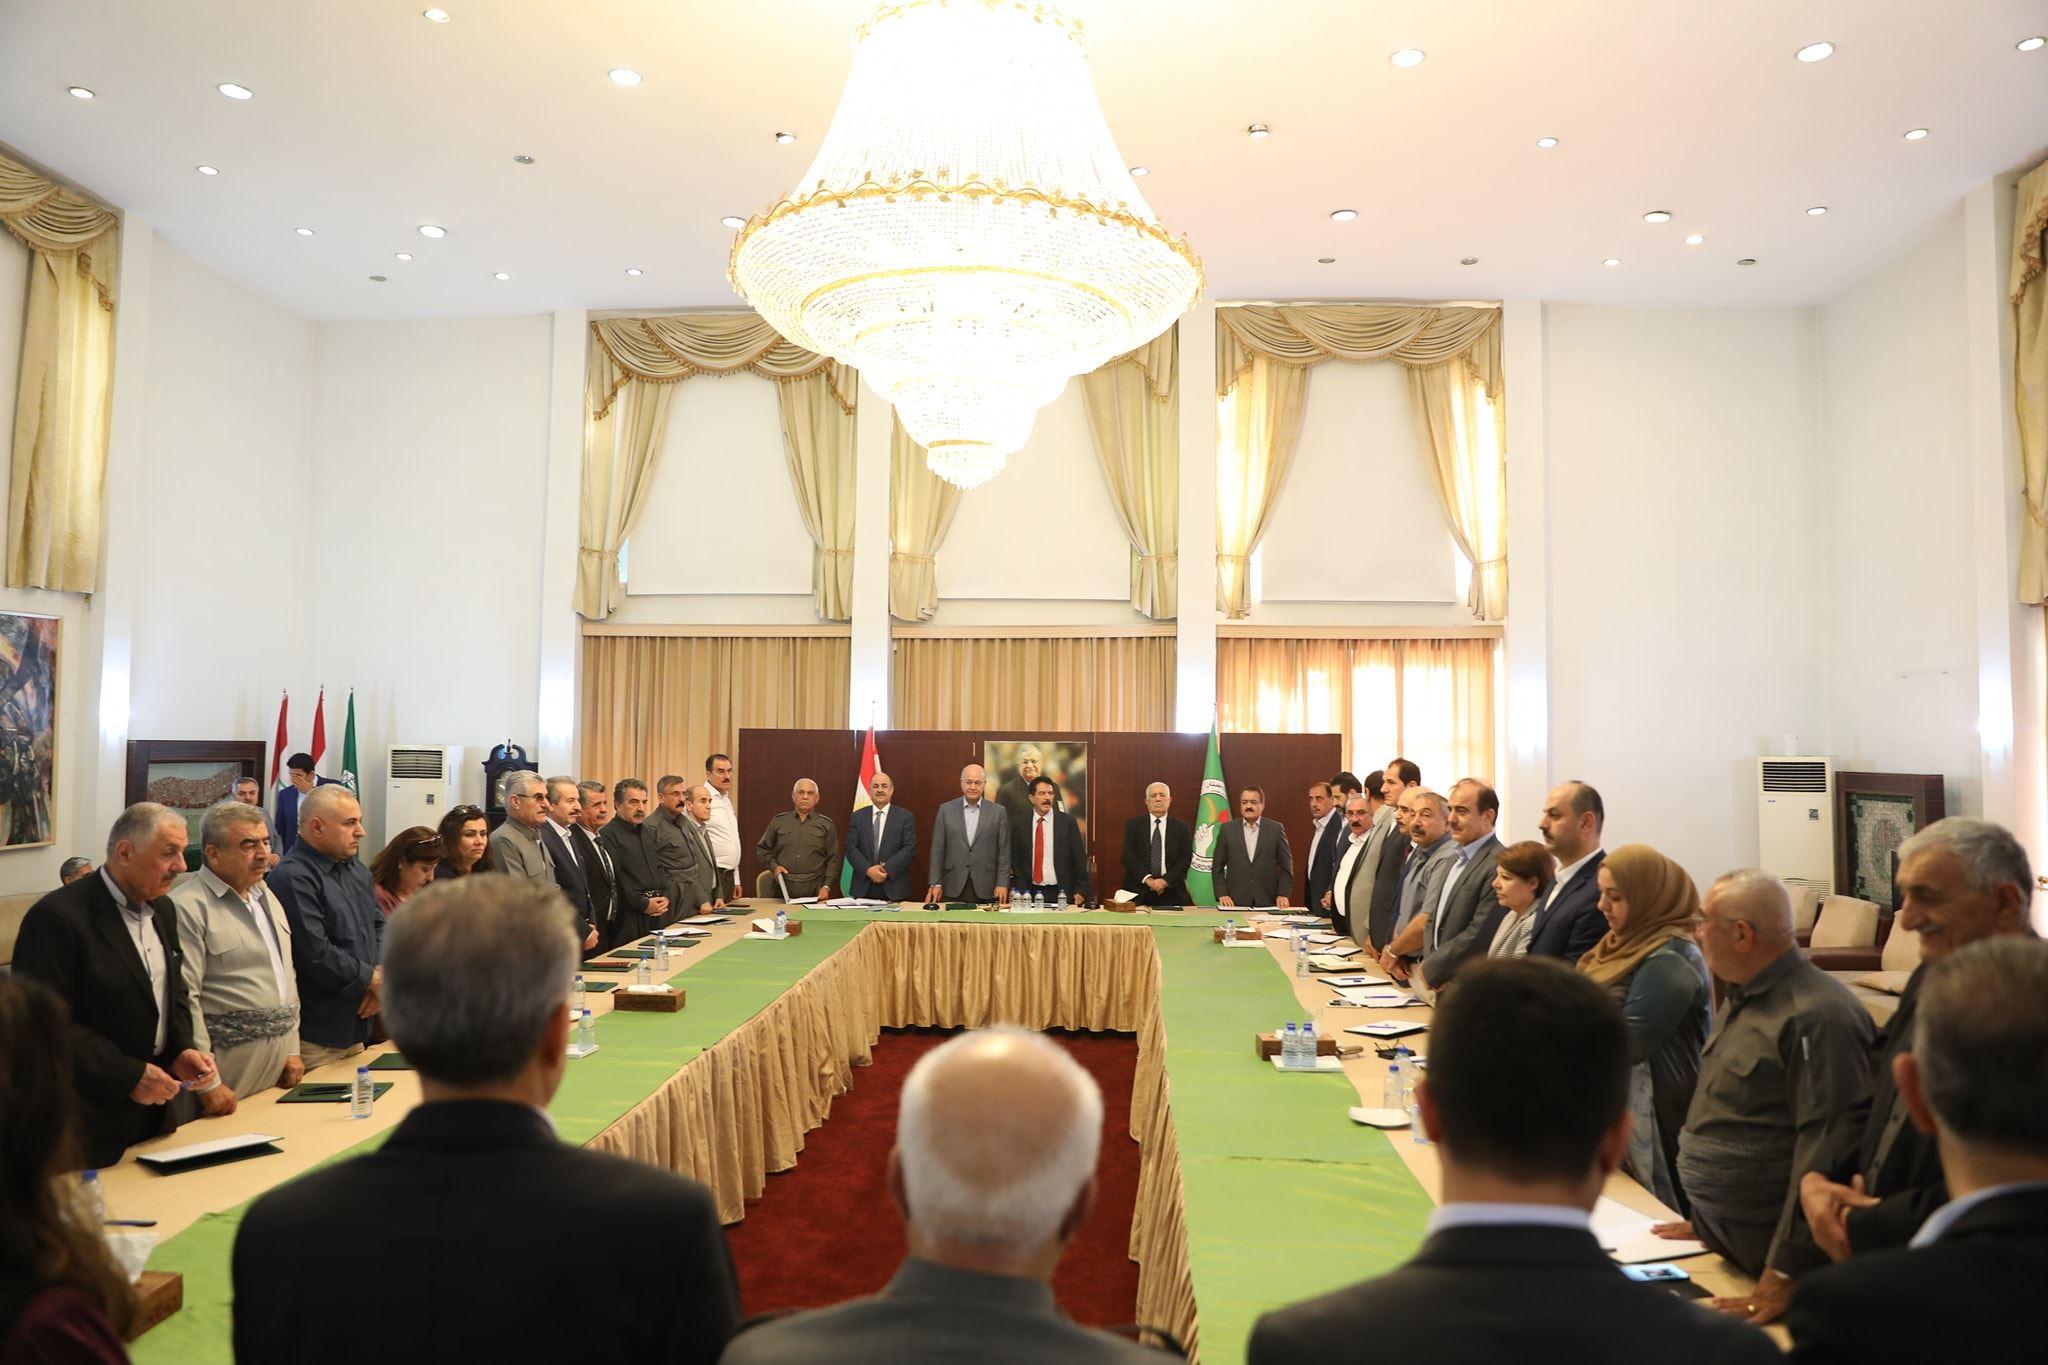 بالاسماء .. مرشحو الاتحاد الوطني للوزارات في الحكومة الجديدة لإقليم كوردستان